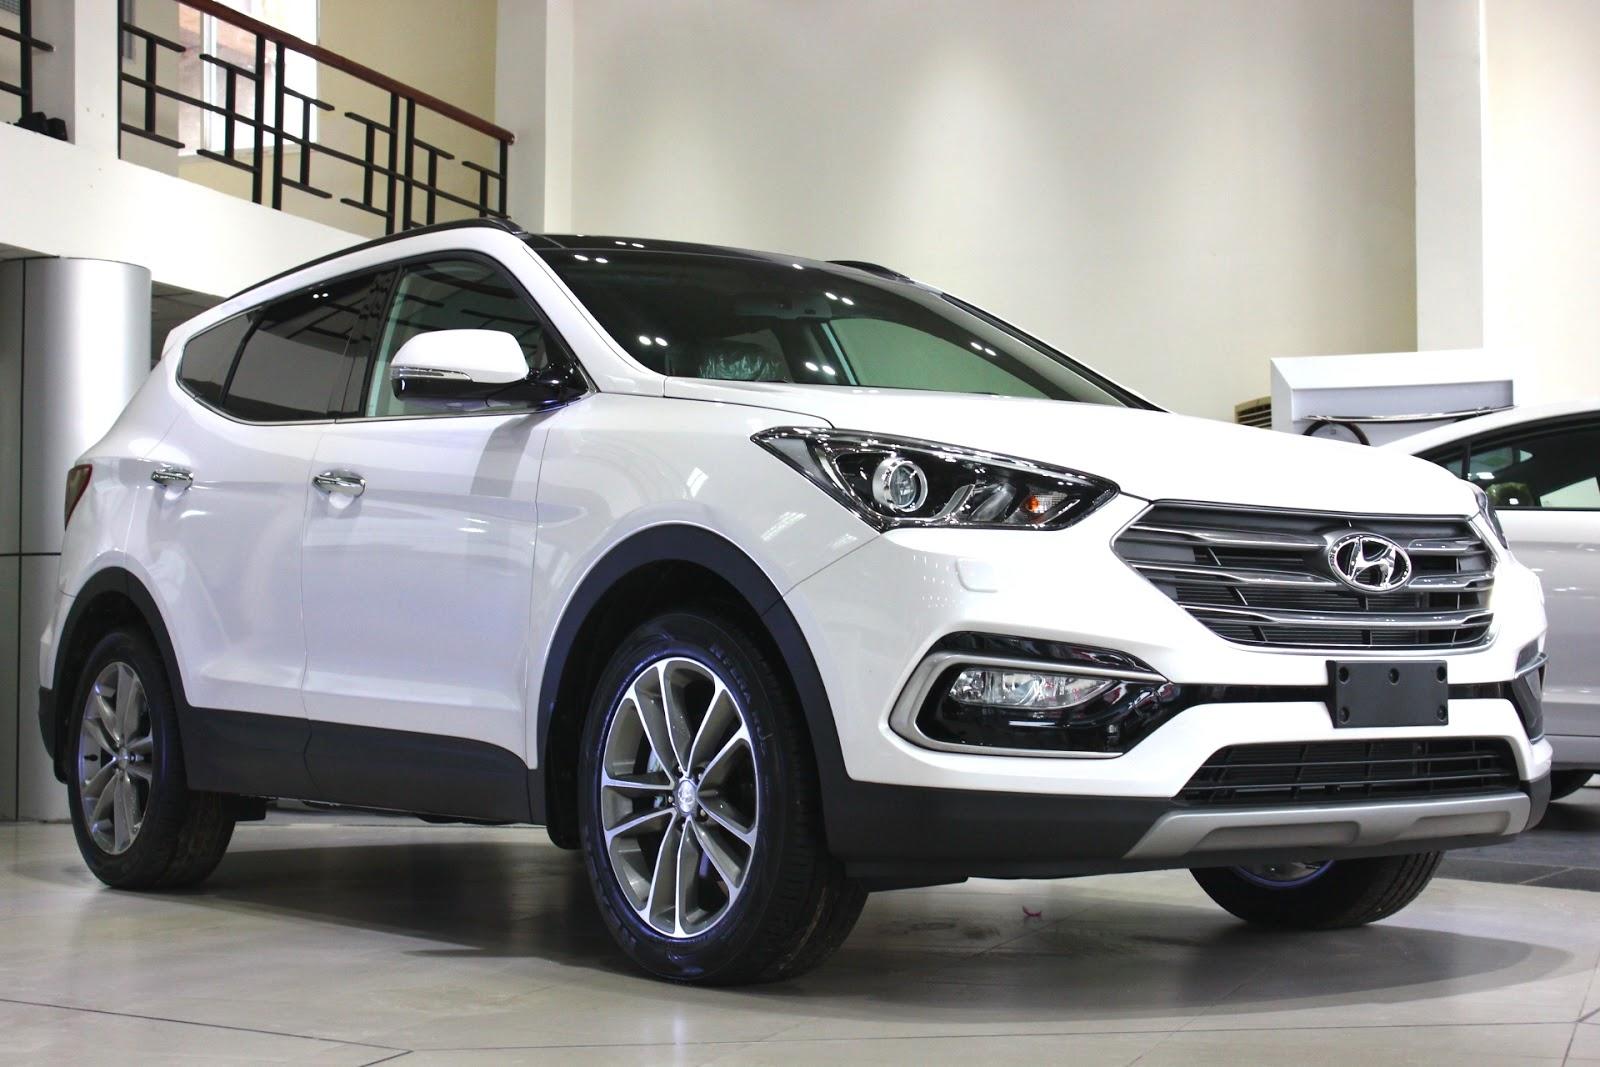 Xe Hyundai Santafe 7 Chỗ máy xăng màu trắng 06